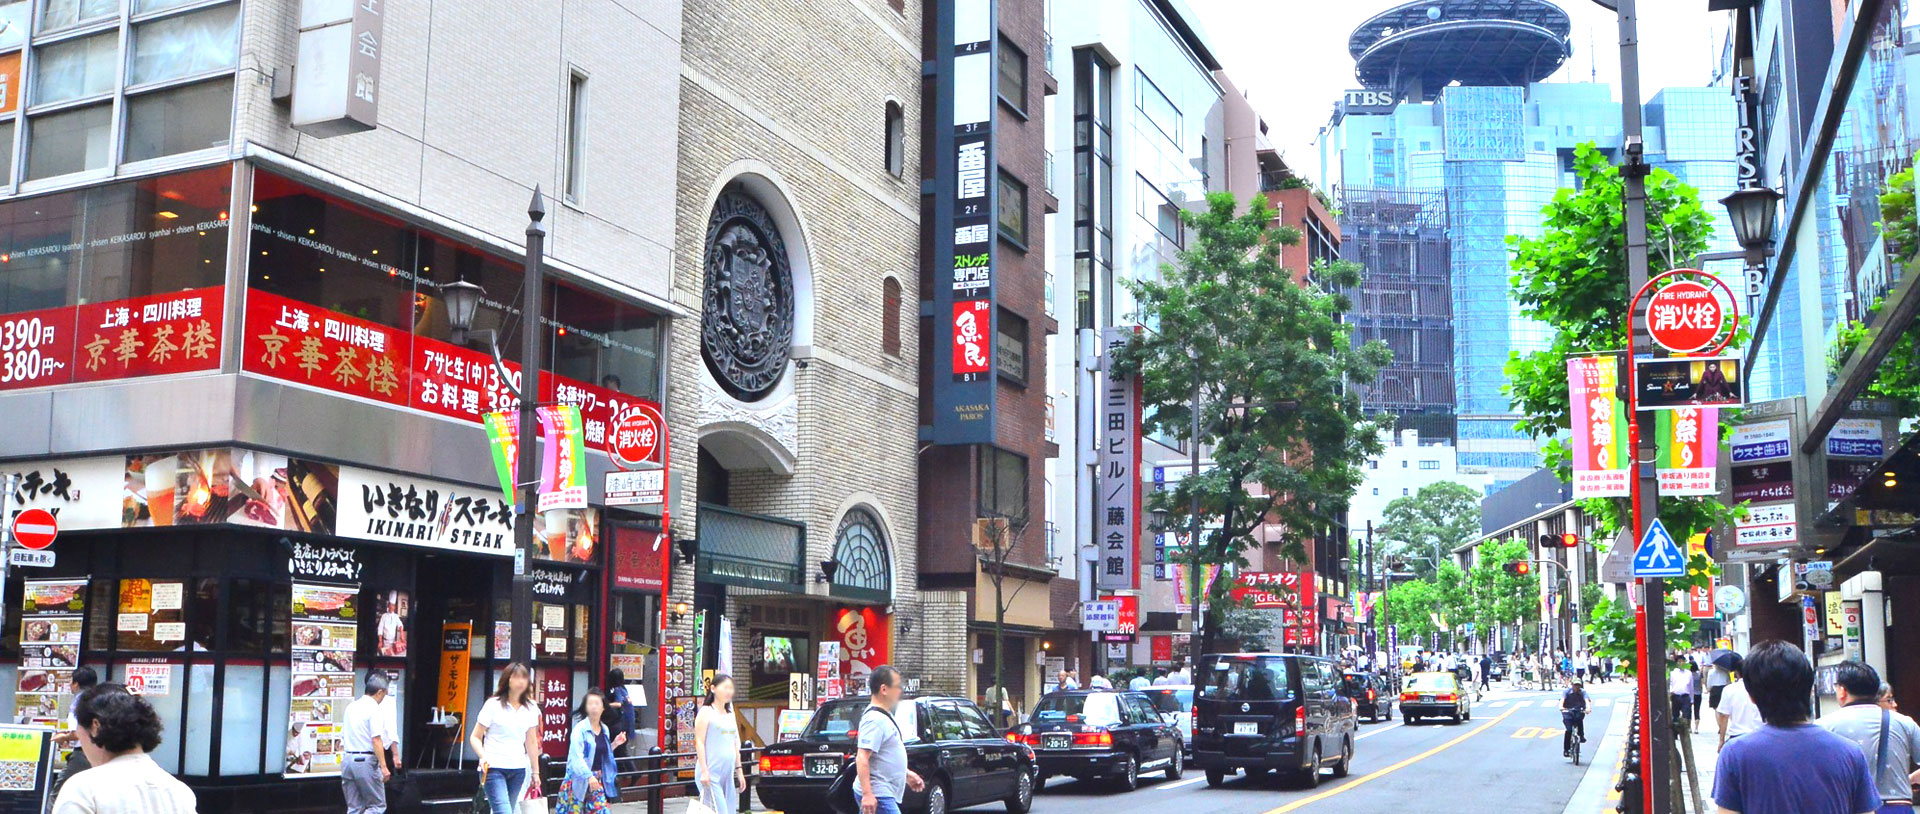 赤坂(港区)で居抜きで飲食店を開業するための街情報